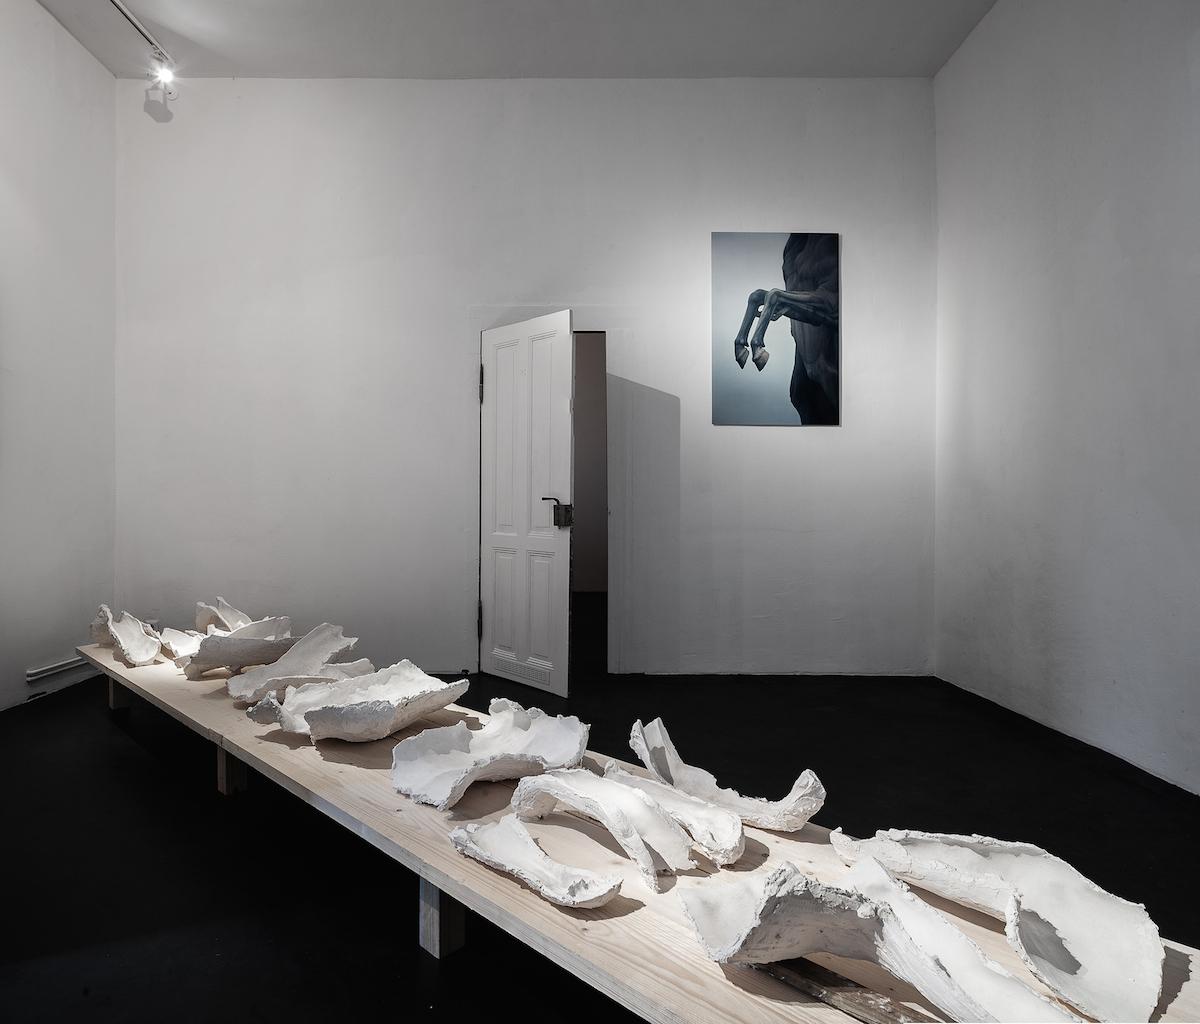 Elmsfeuer / exhibition view 2018 (foto: Markus Georg)